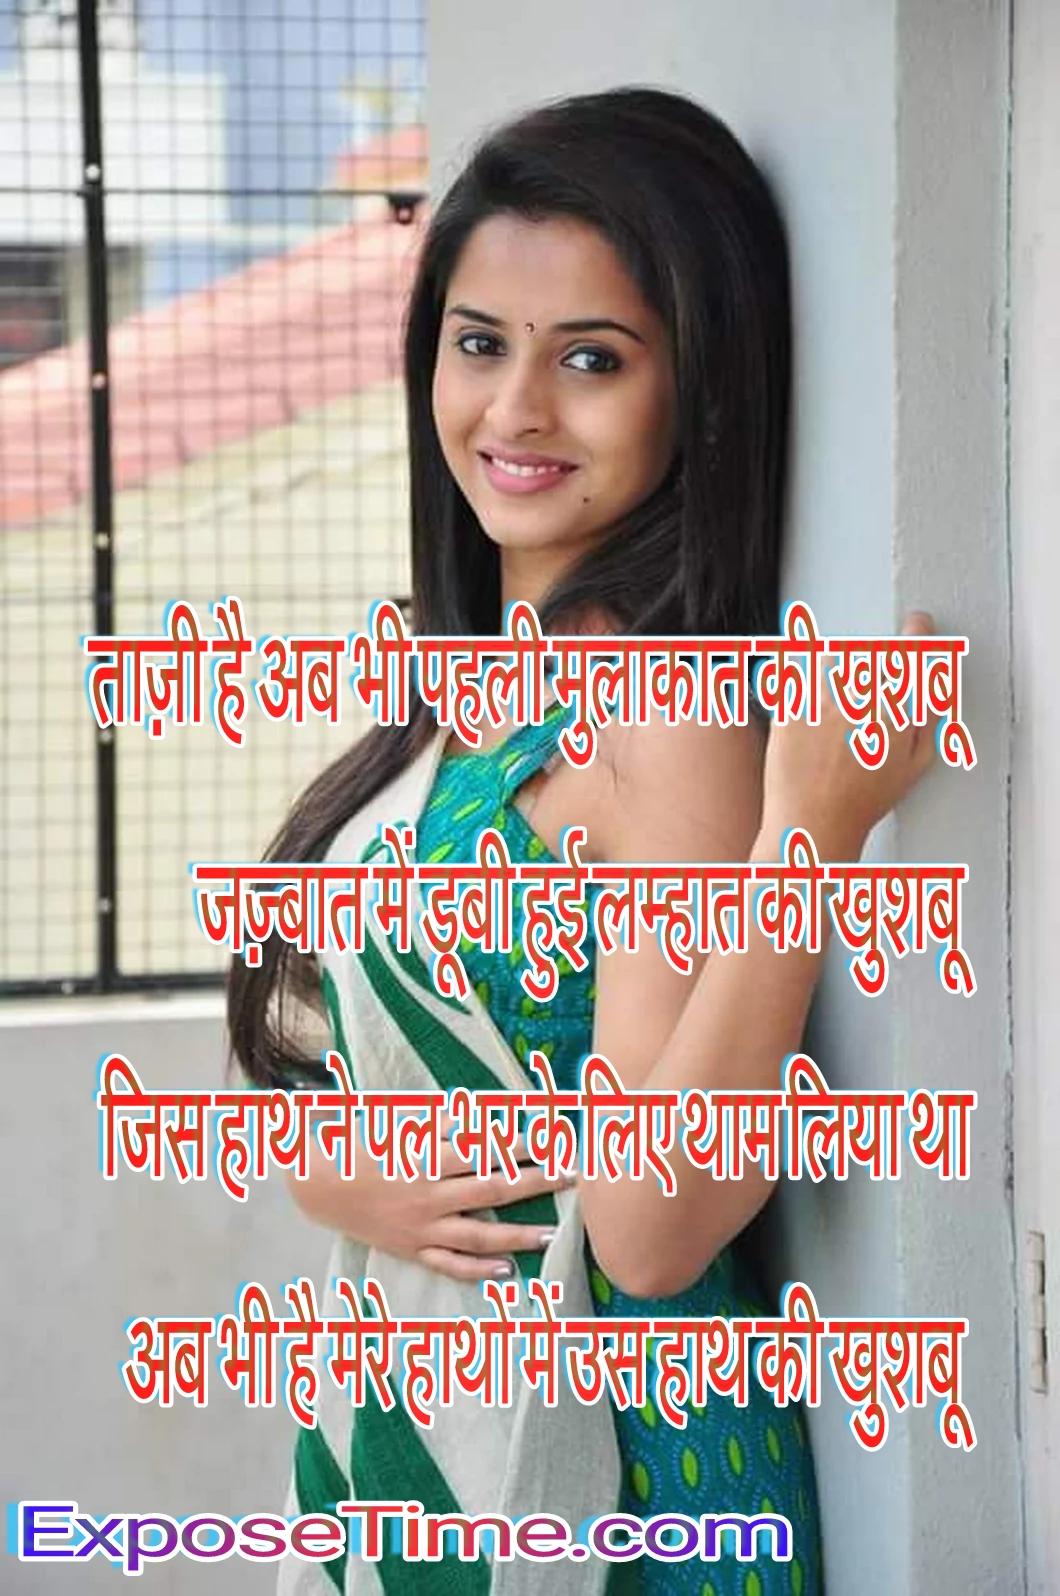 Urdu love shayari hd images in hindi